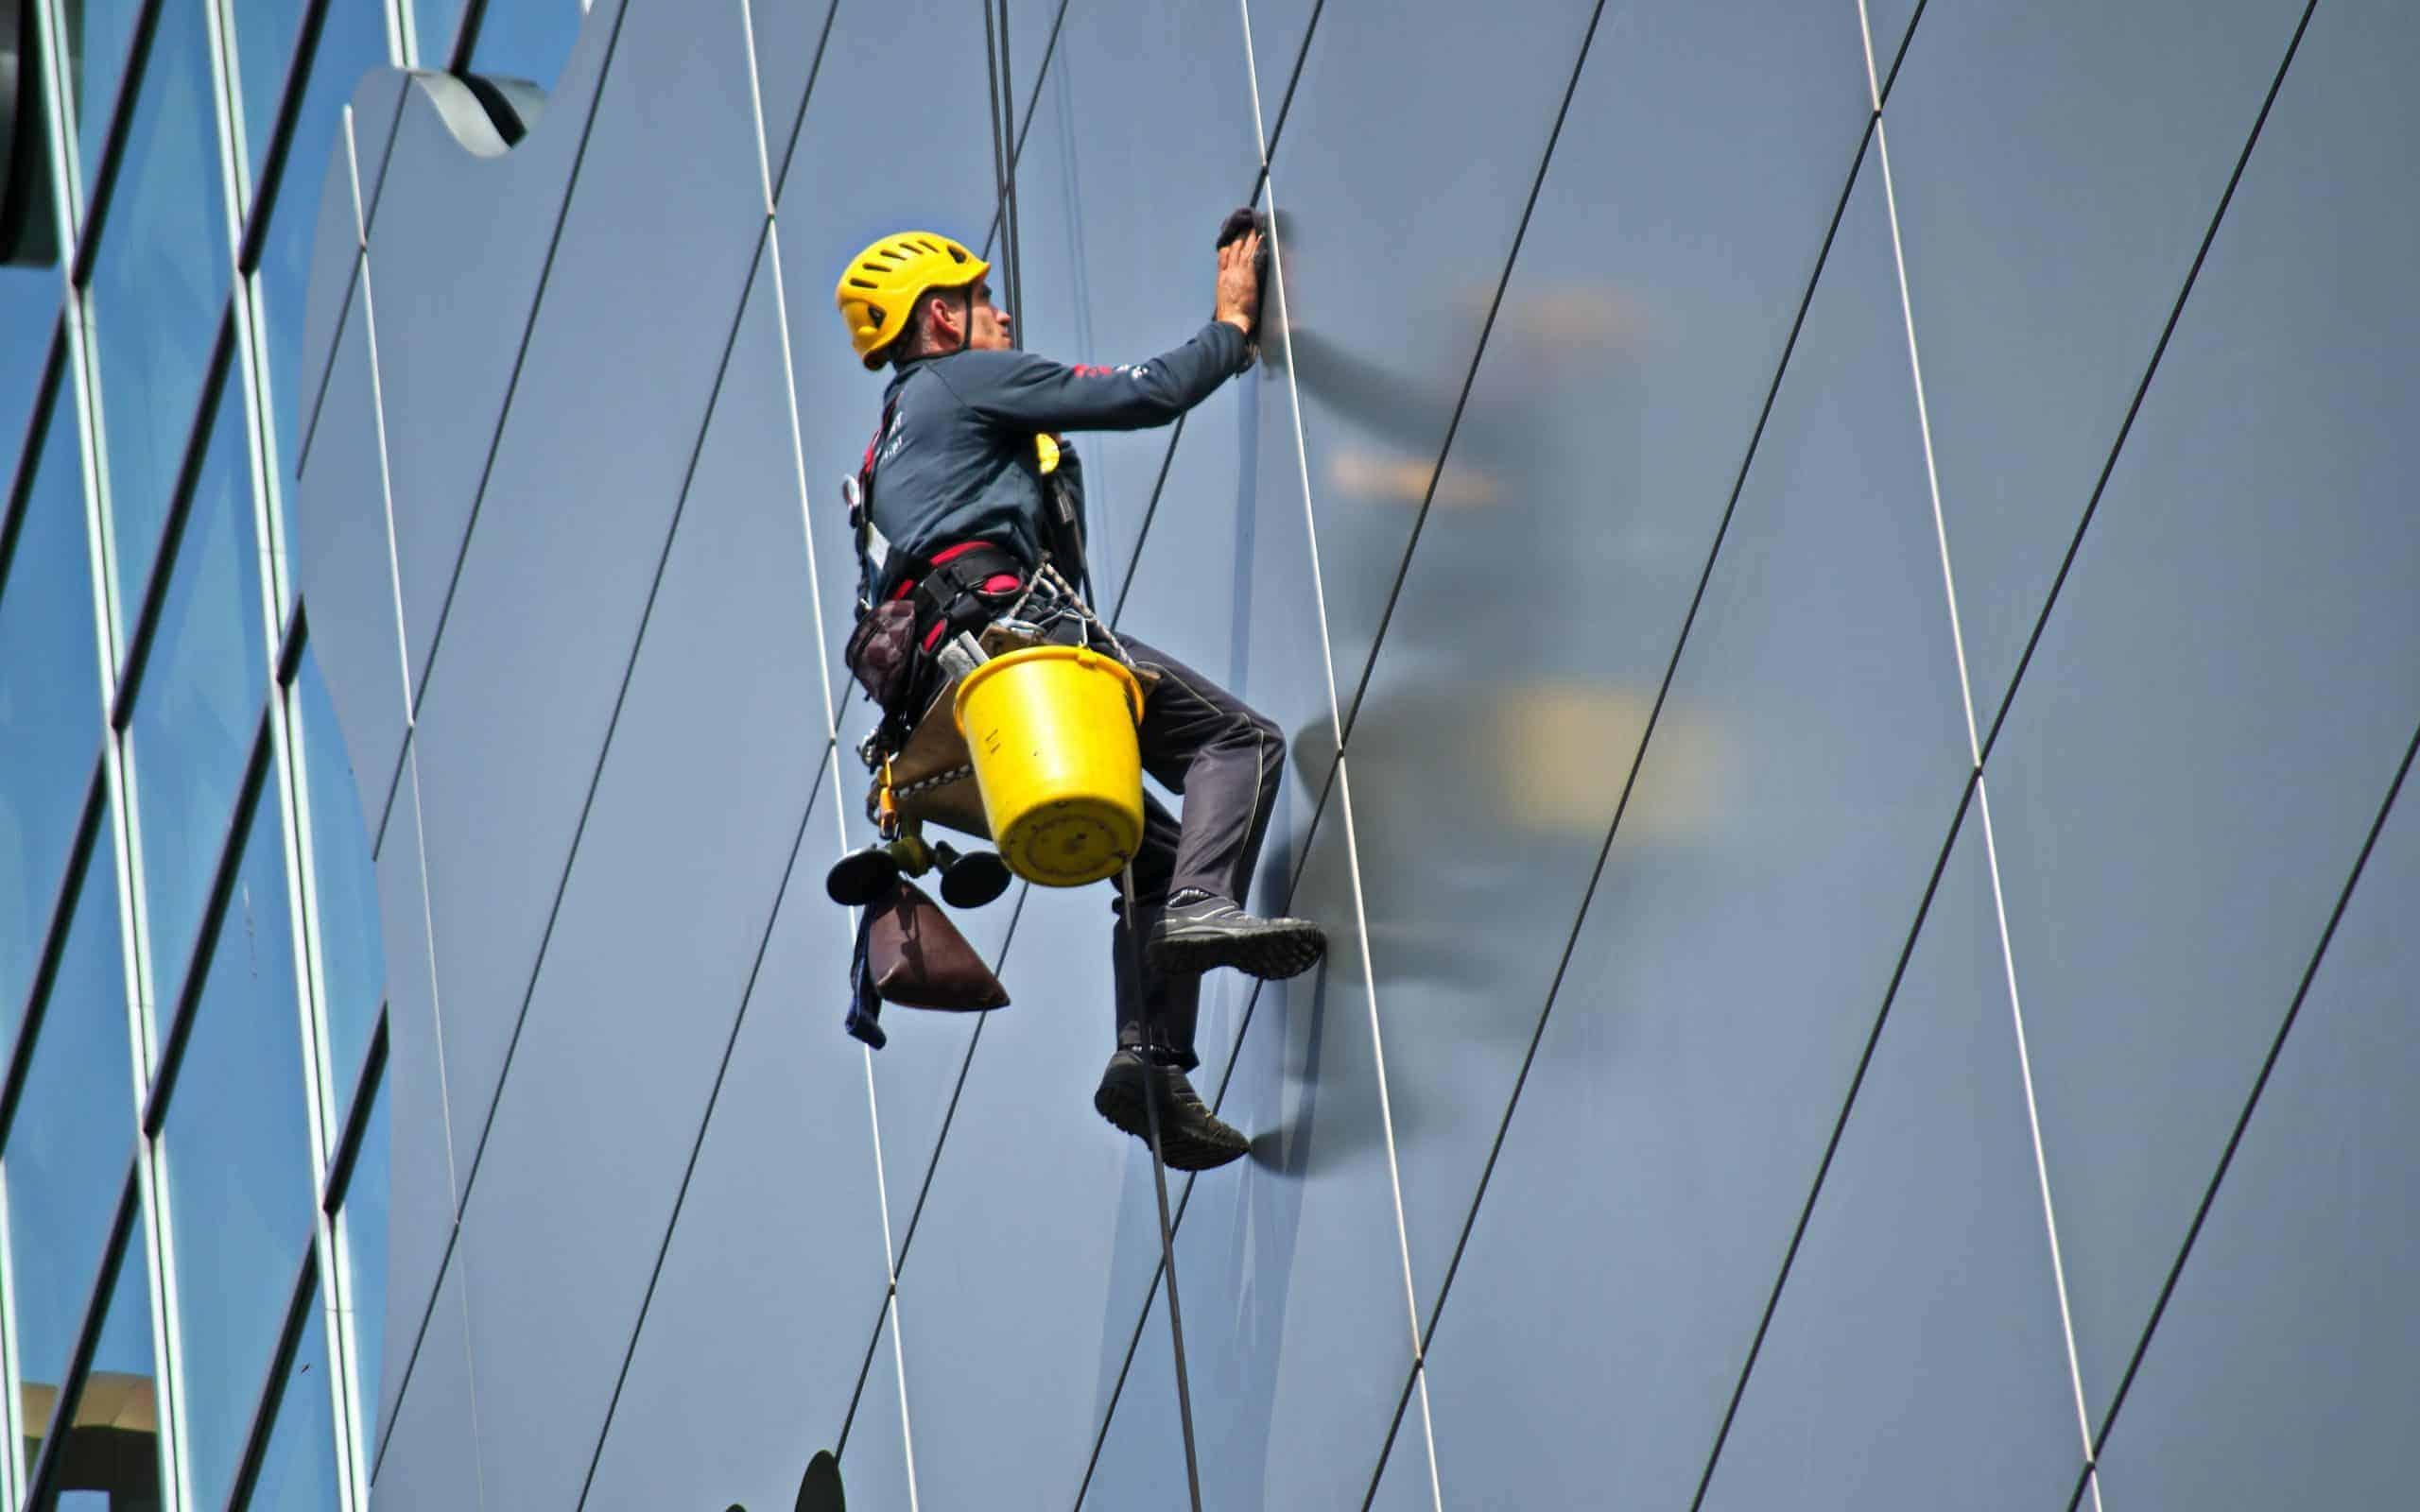 היתרונות של עבודות סנפלינג בכל הנוגע לשיפוץ ותחזוקת מבנים